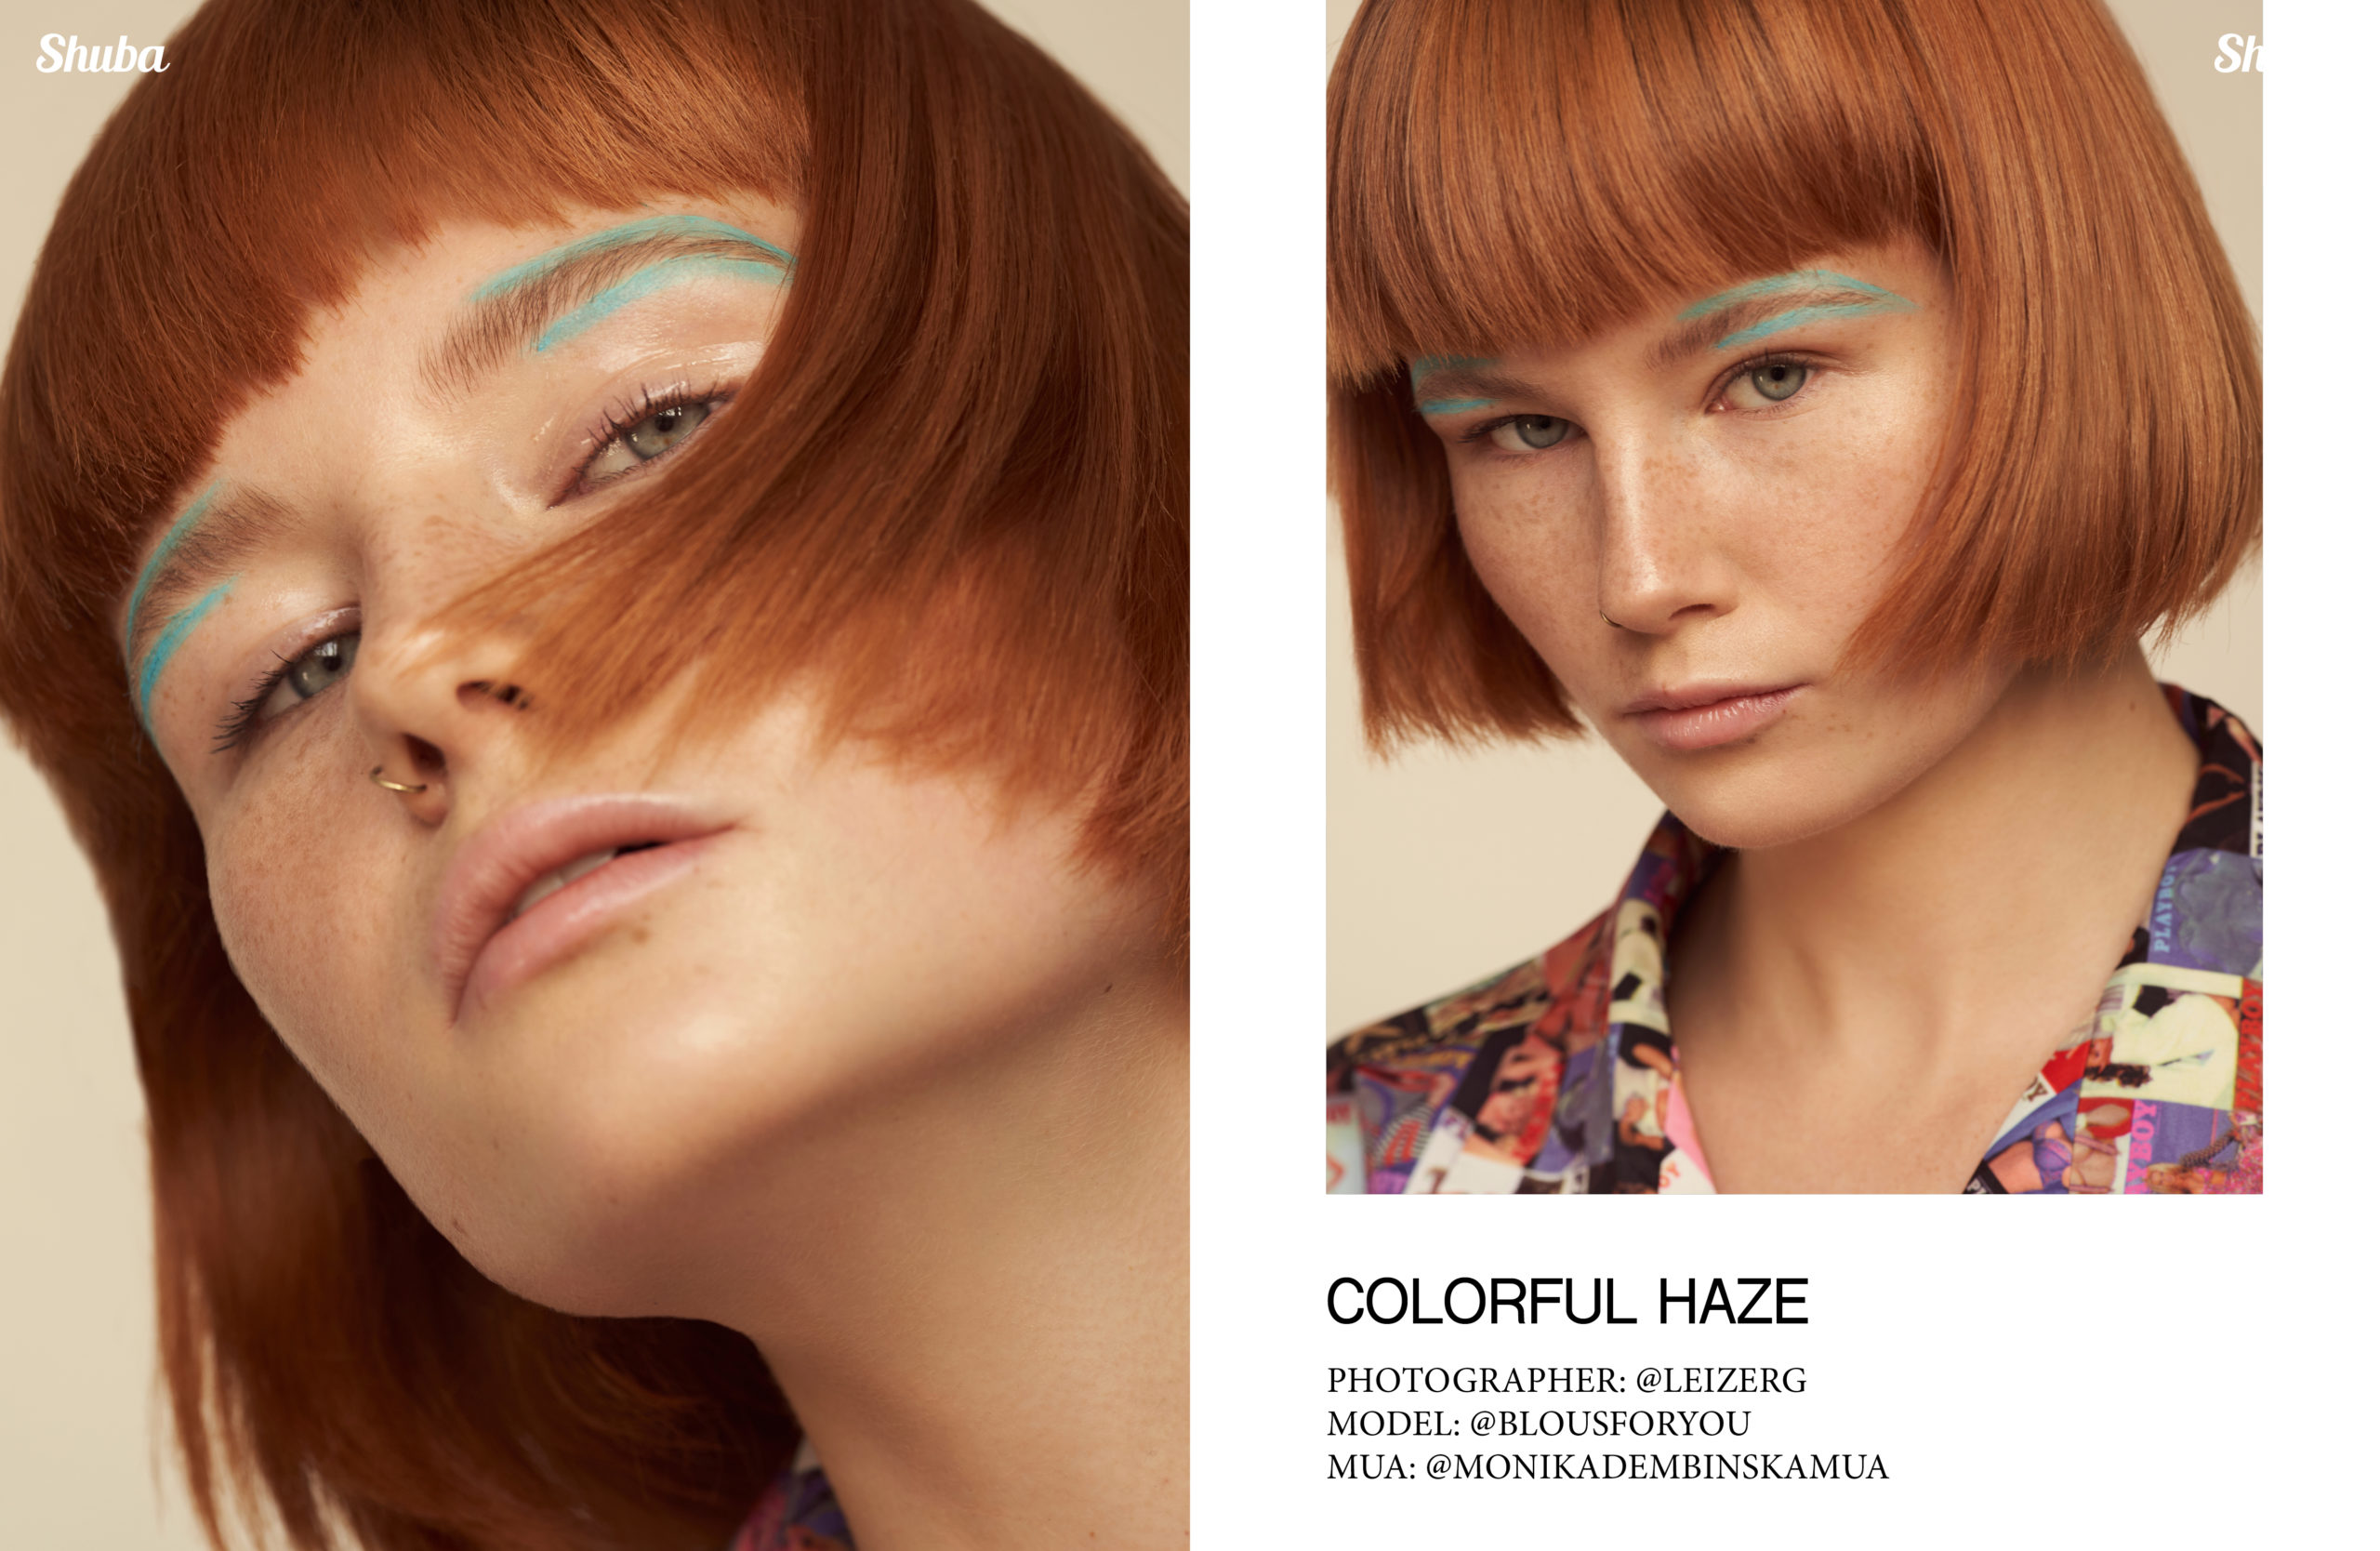 Monika Dembińska - Colorful Haze – publikacja w Shuba Magazine